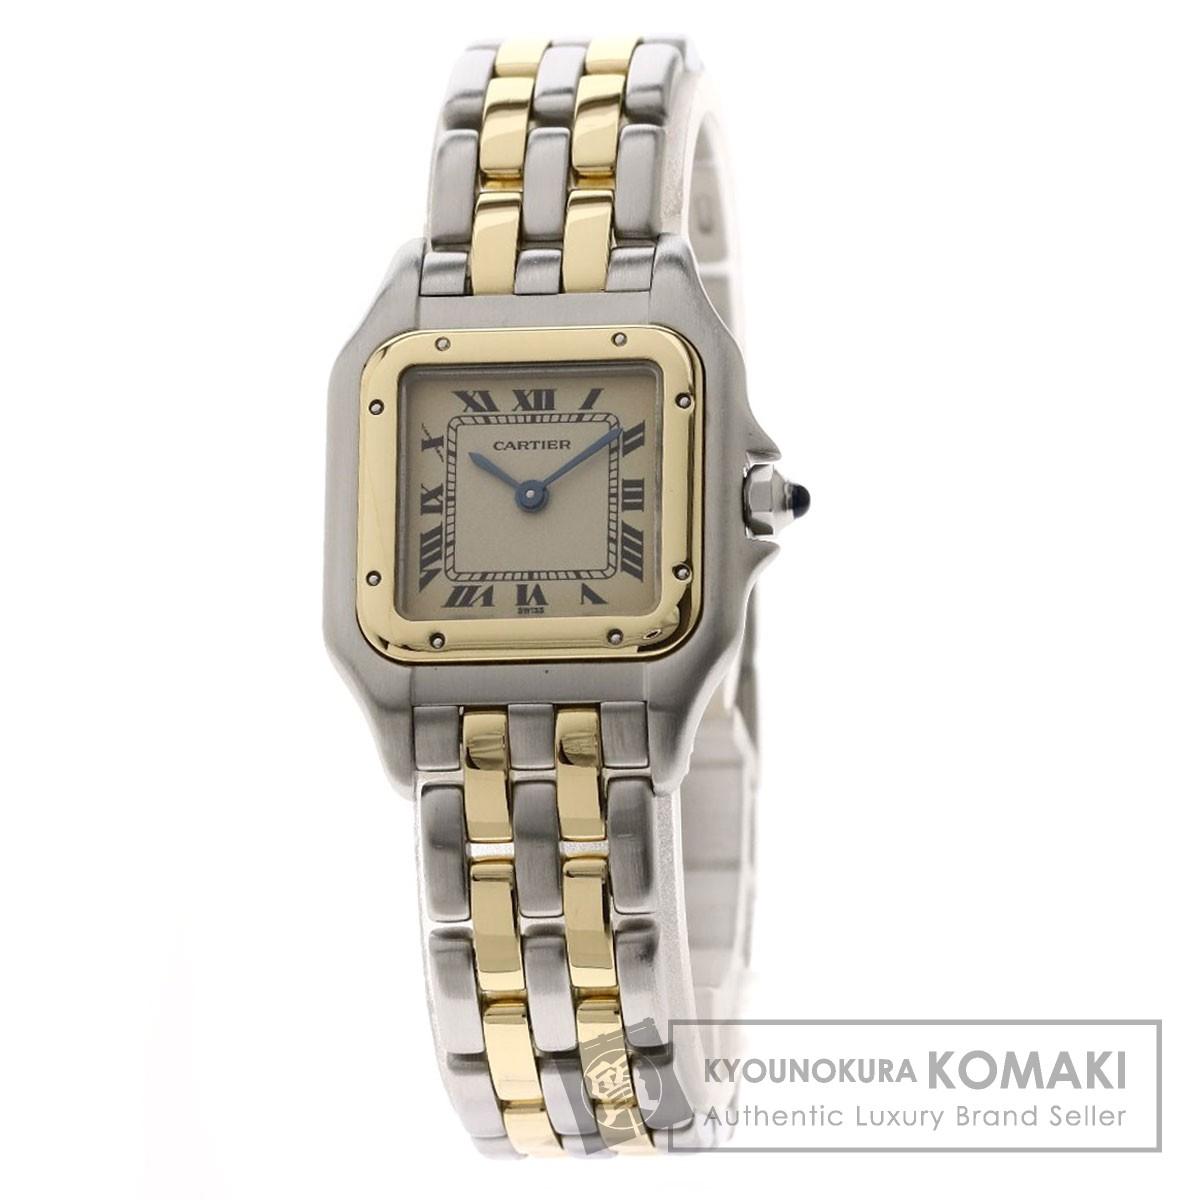 カルティエ 166921 パンテールSM 2ROW 腕時計 ステンレススチール/SSxK18YG/SSxK18YG レディース 【中古】【CARTIER】